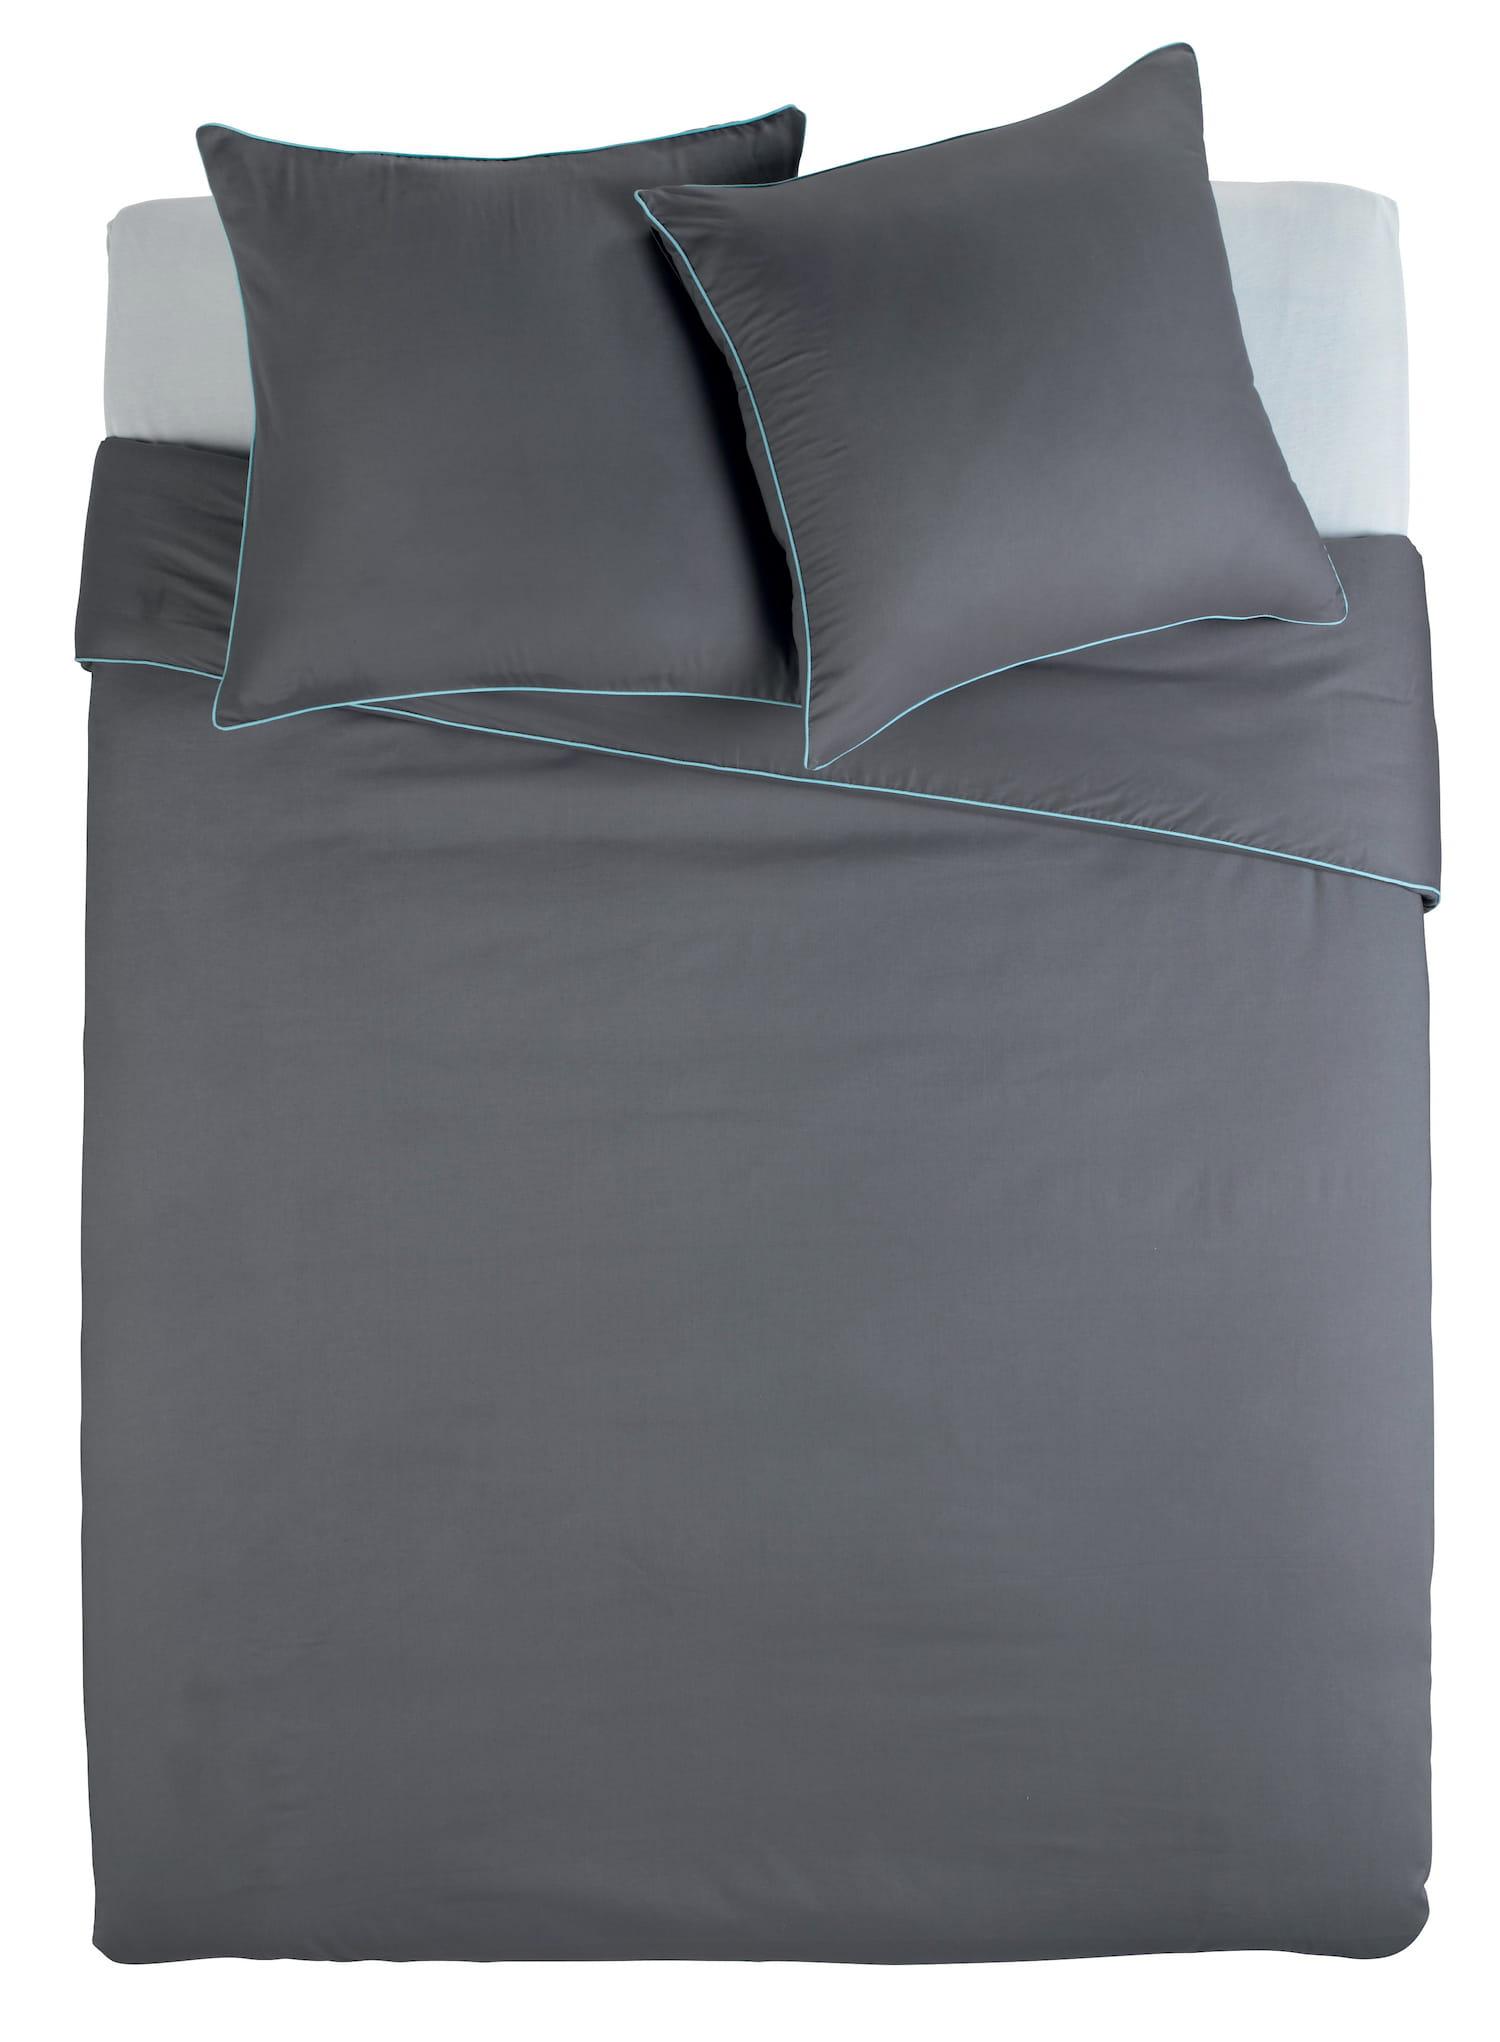 la parure de lit au d tail fluo. Black Bedroom Furniture Sets. Home Design Ideas